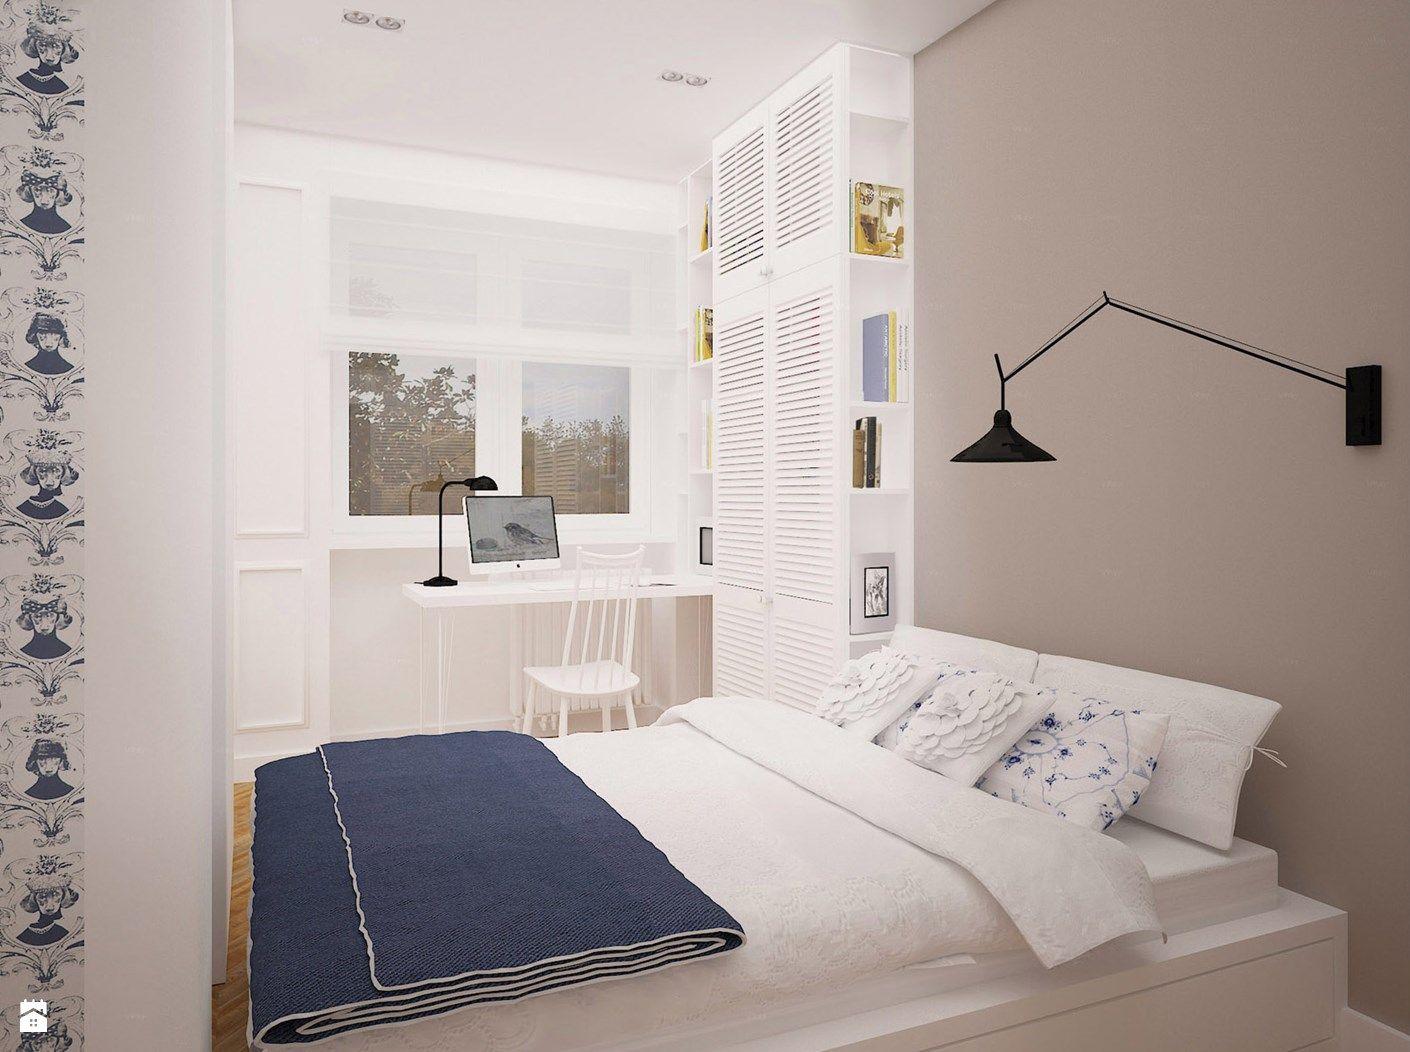 Zdjęcie Mieszkanie W Stylu Retro Sypialnia Styl